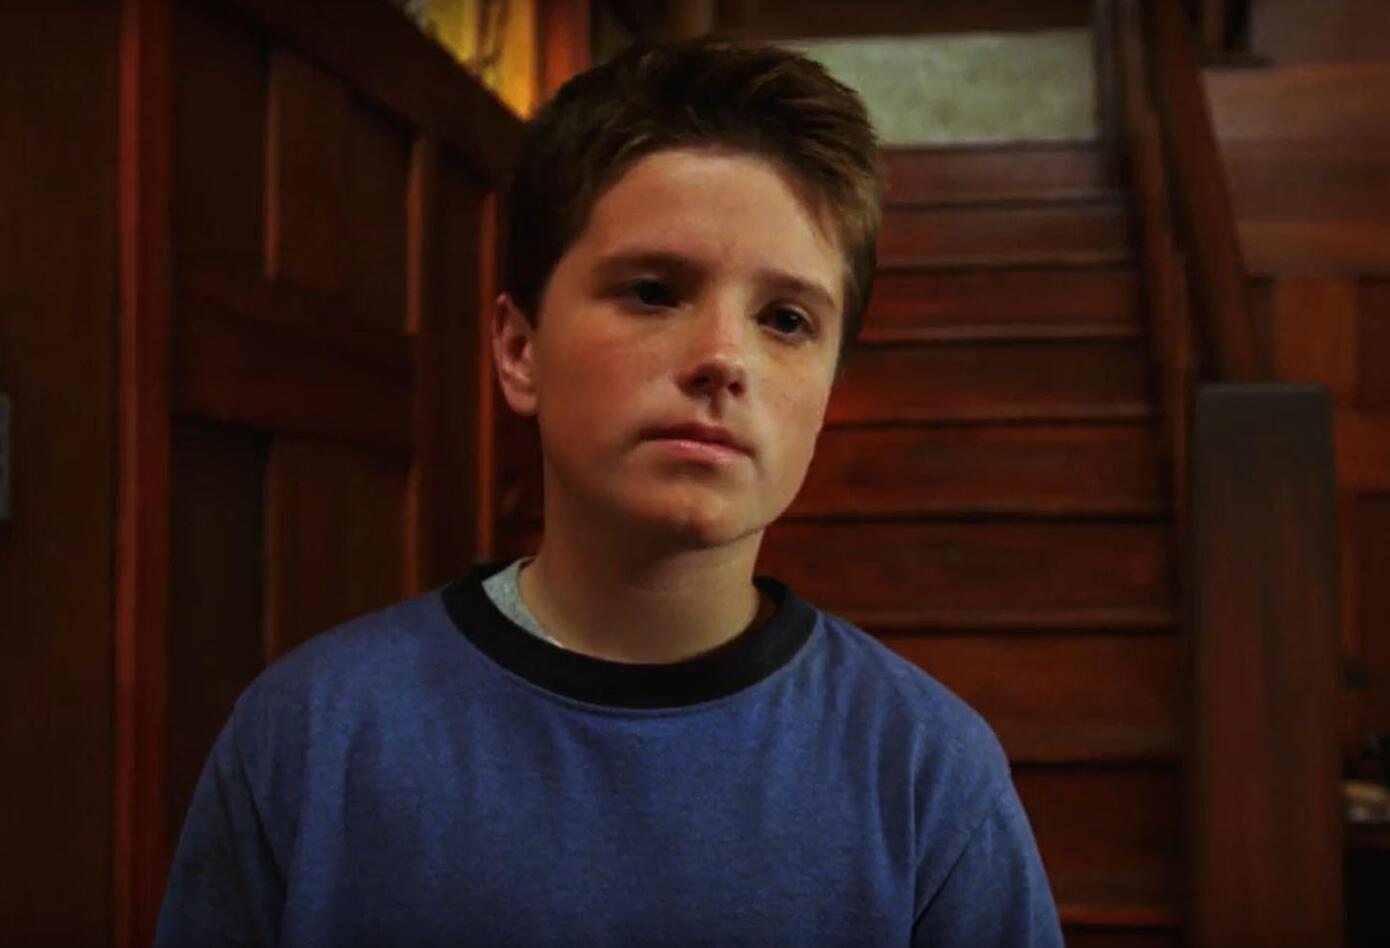 Josh Hutcherson protagonizó la cinta junto a Jonah Bobo. Ambos menores eran los participantes del juego espacial.